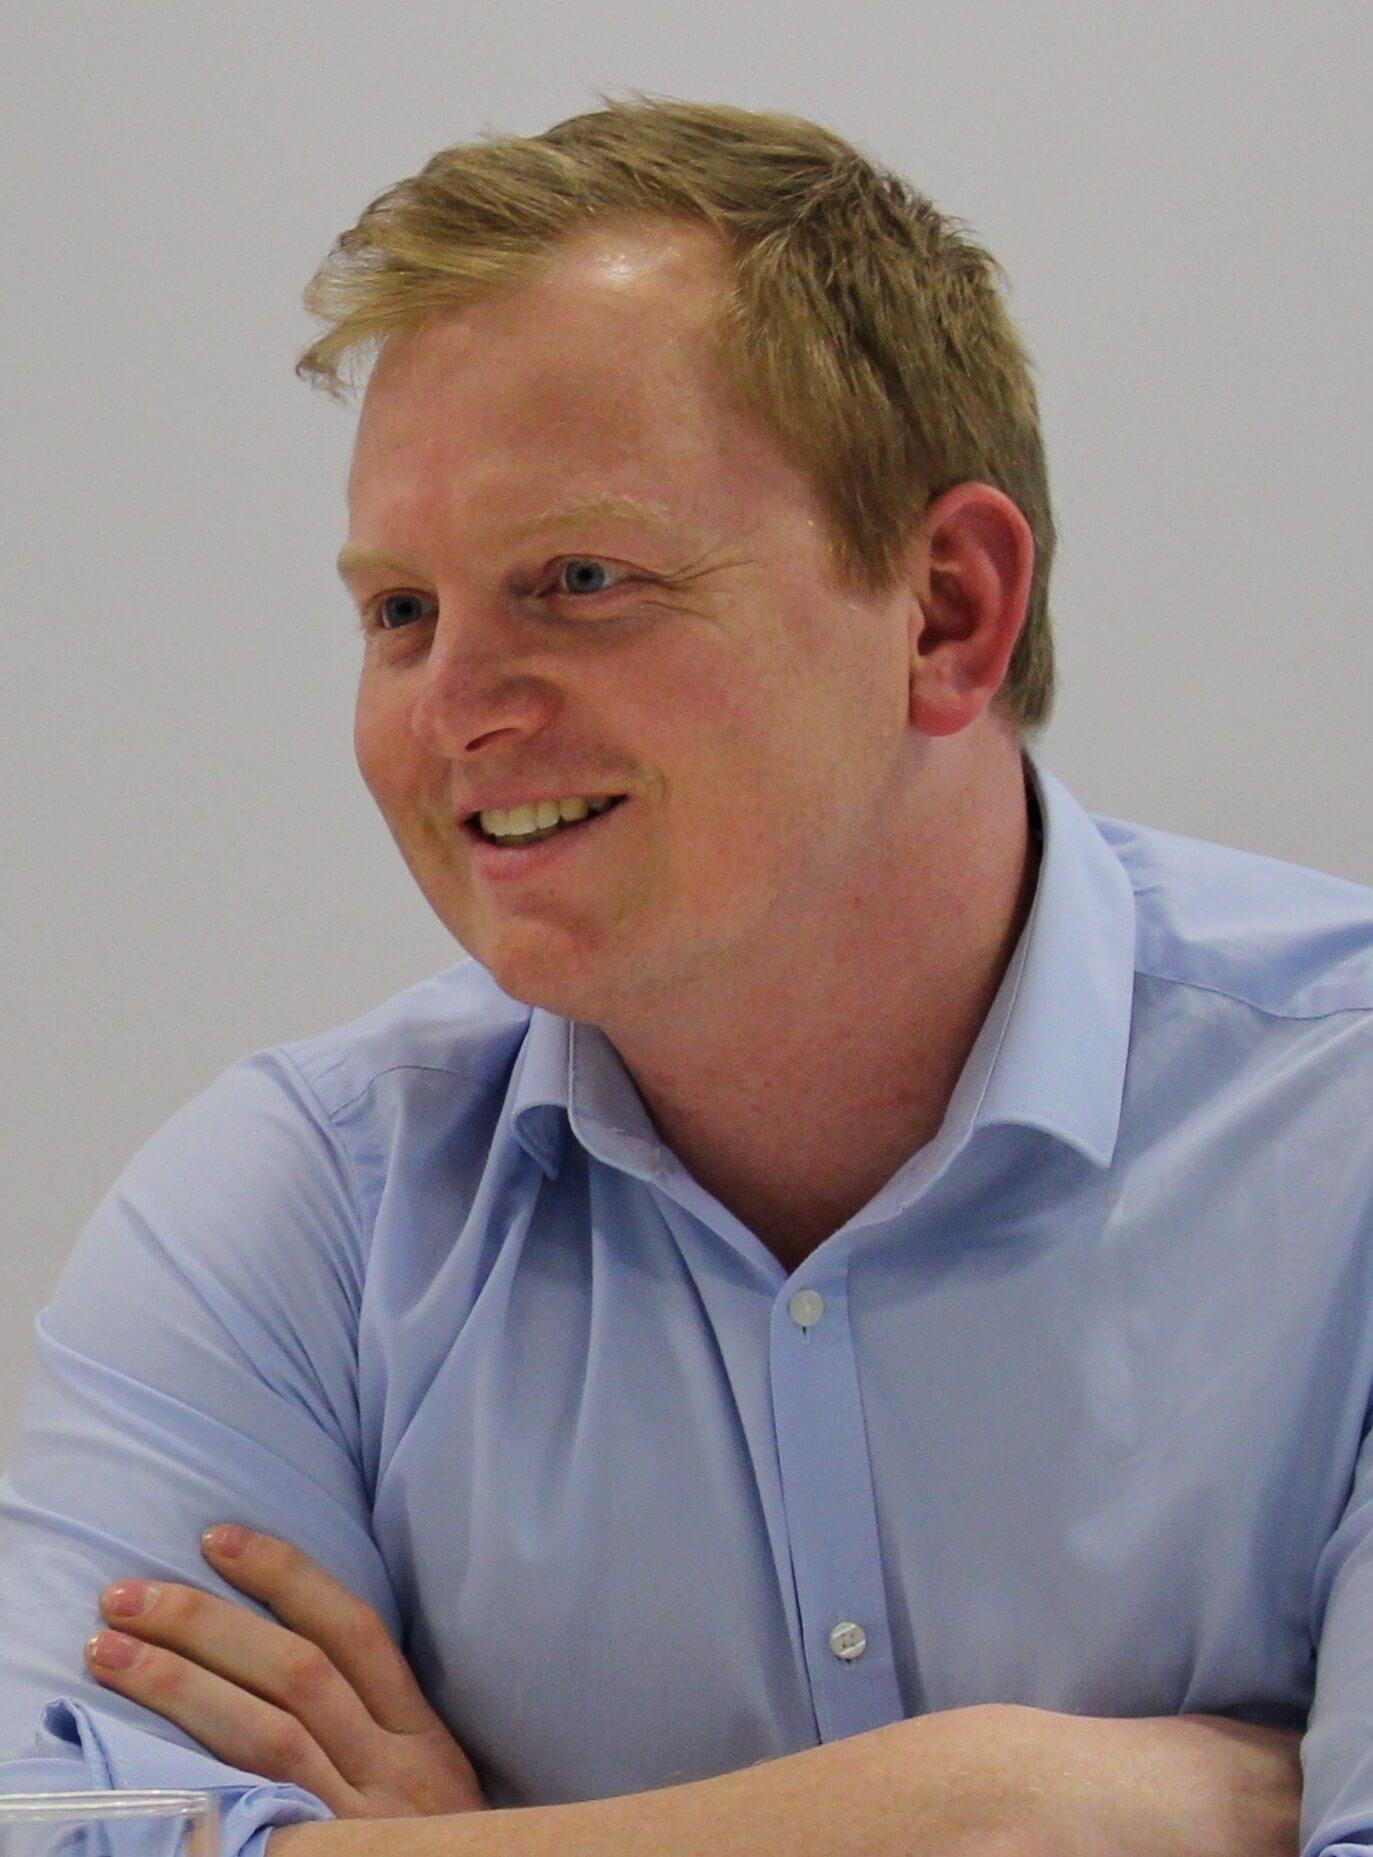 Tim Farr